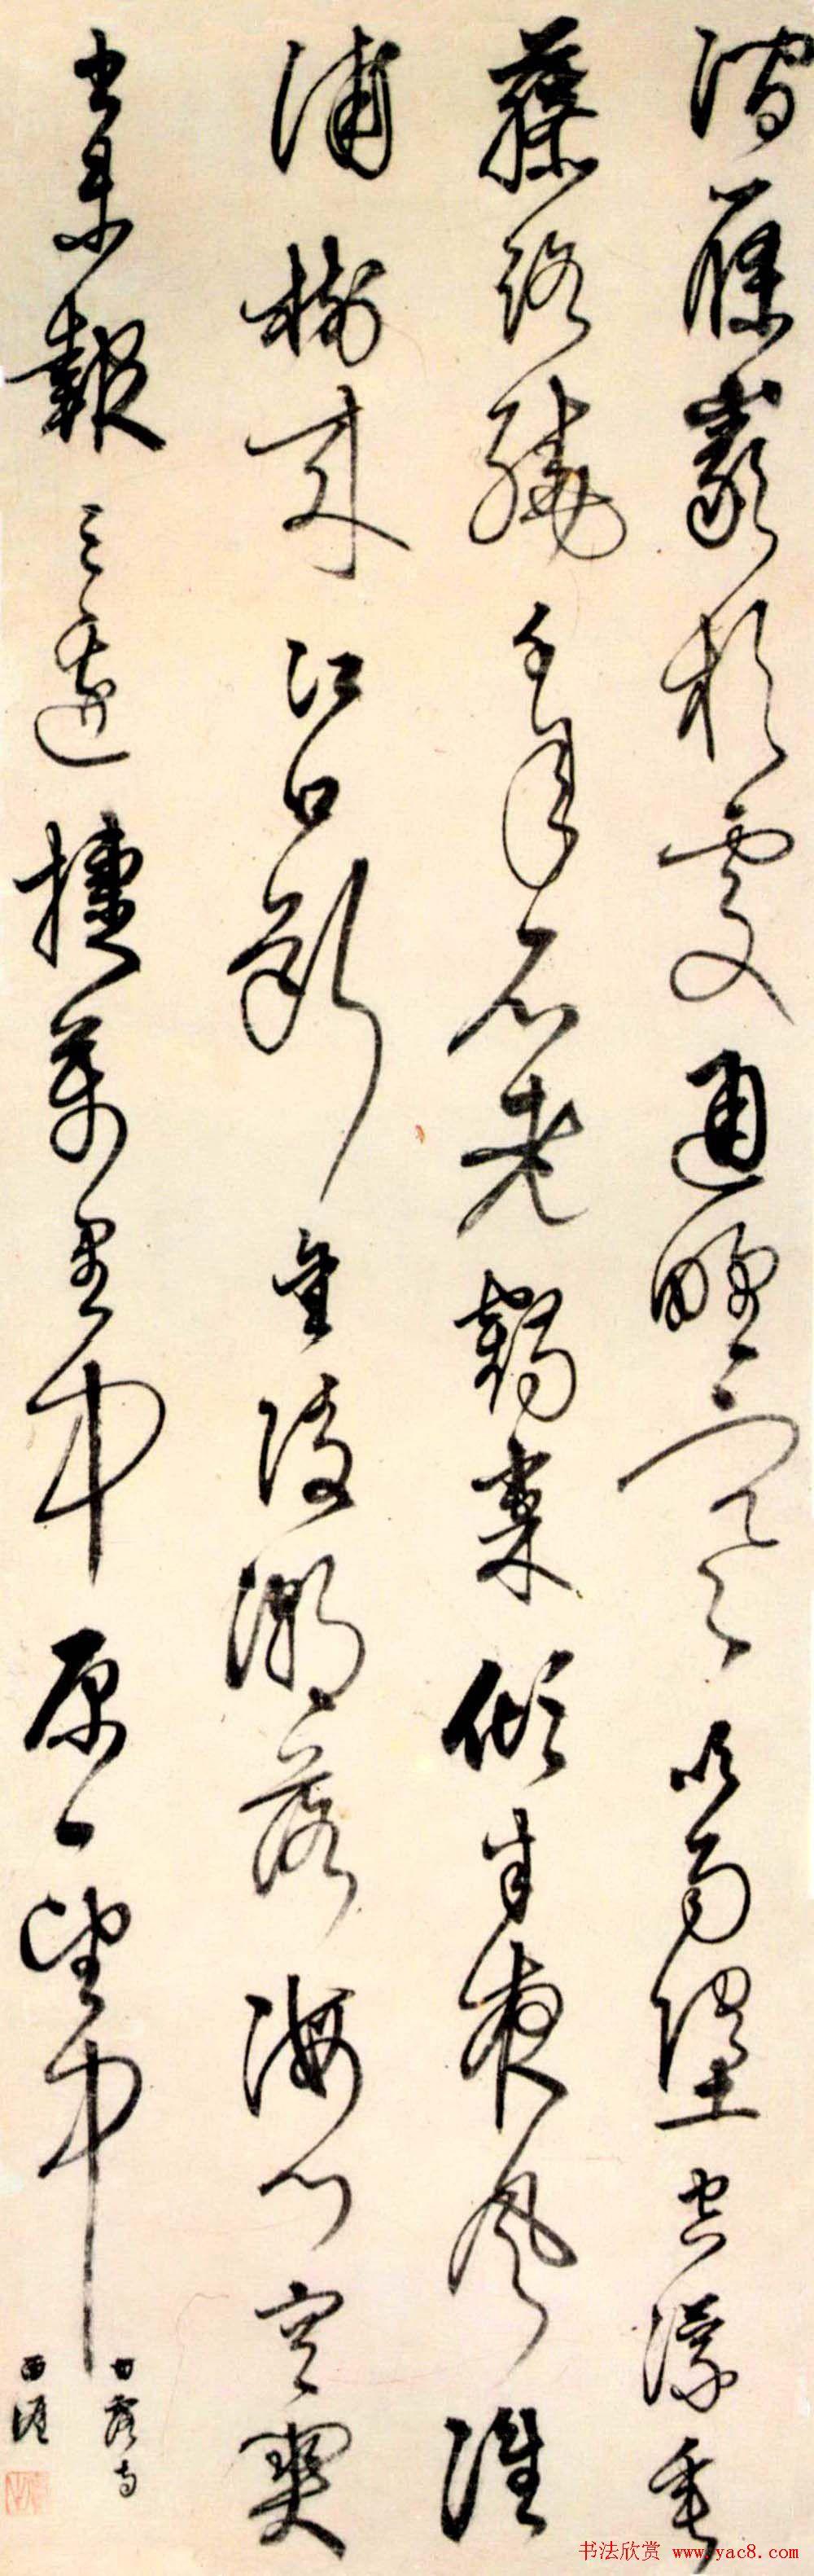 李东阳书法题跋作品欣赏